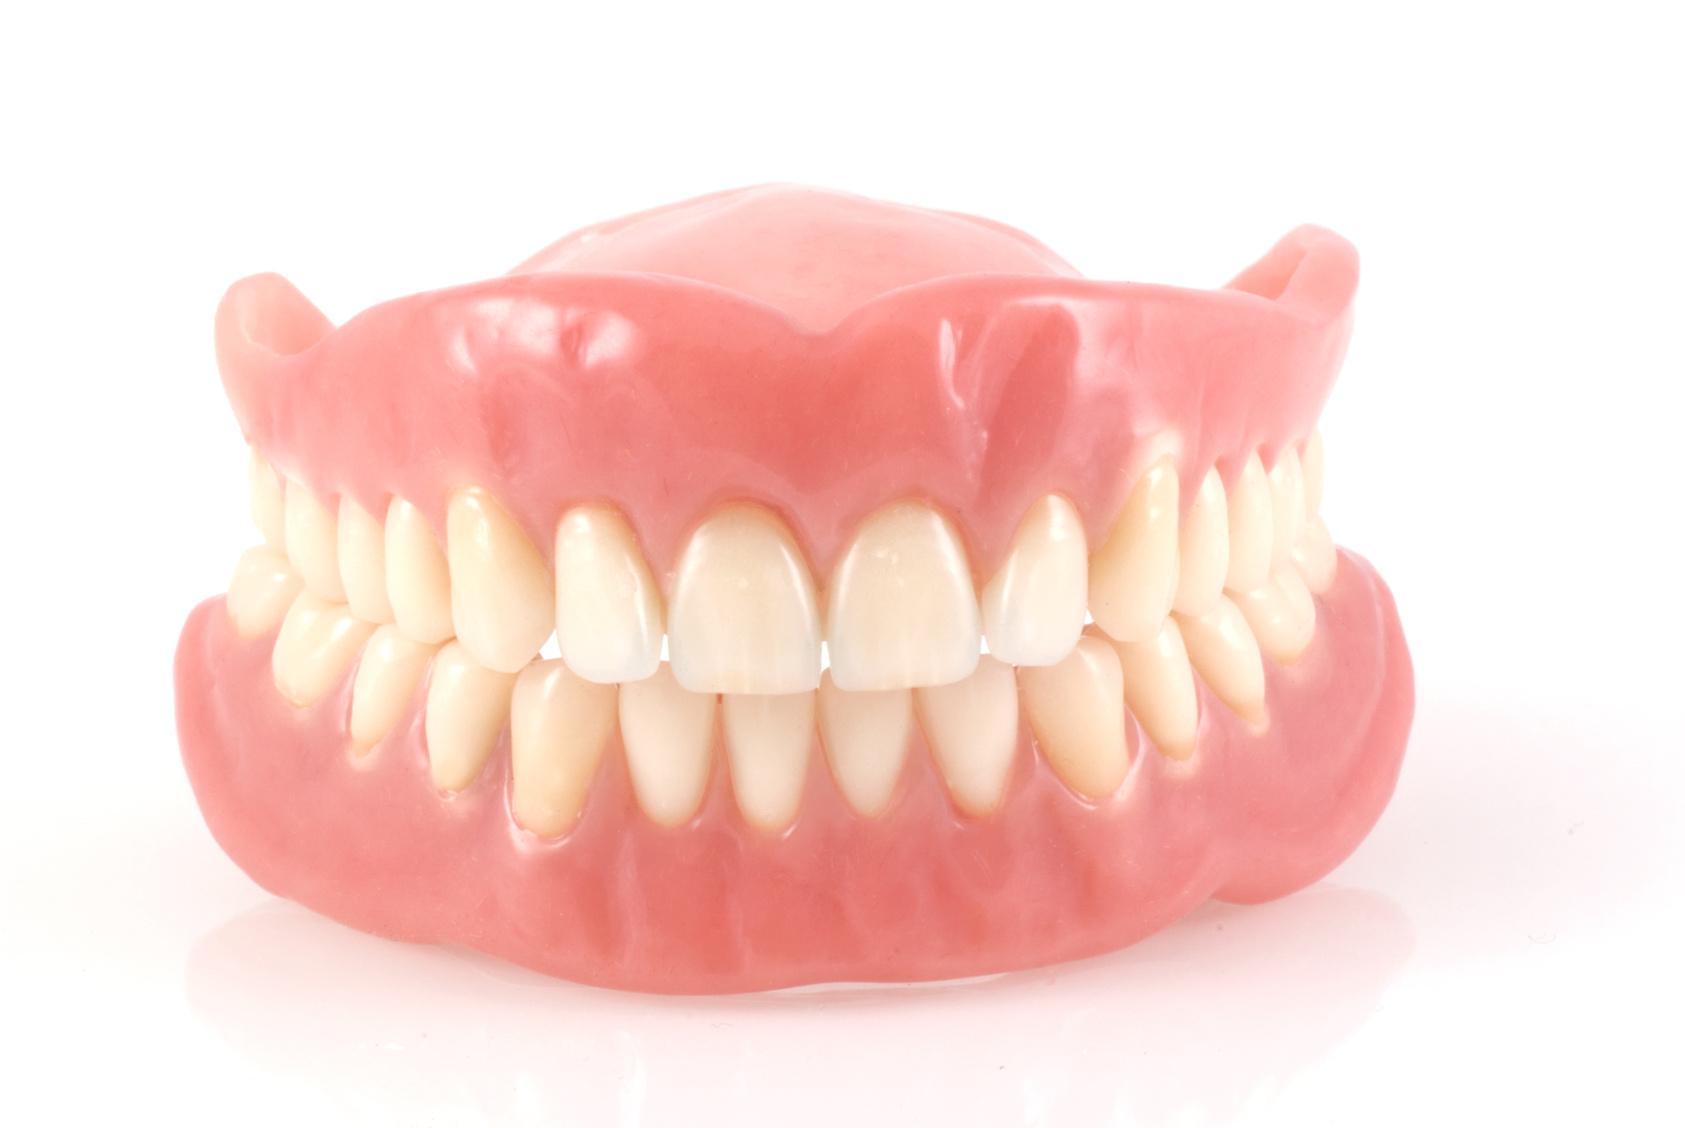 3 Reasons to Avoid Homemade Dentures